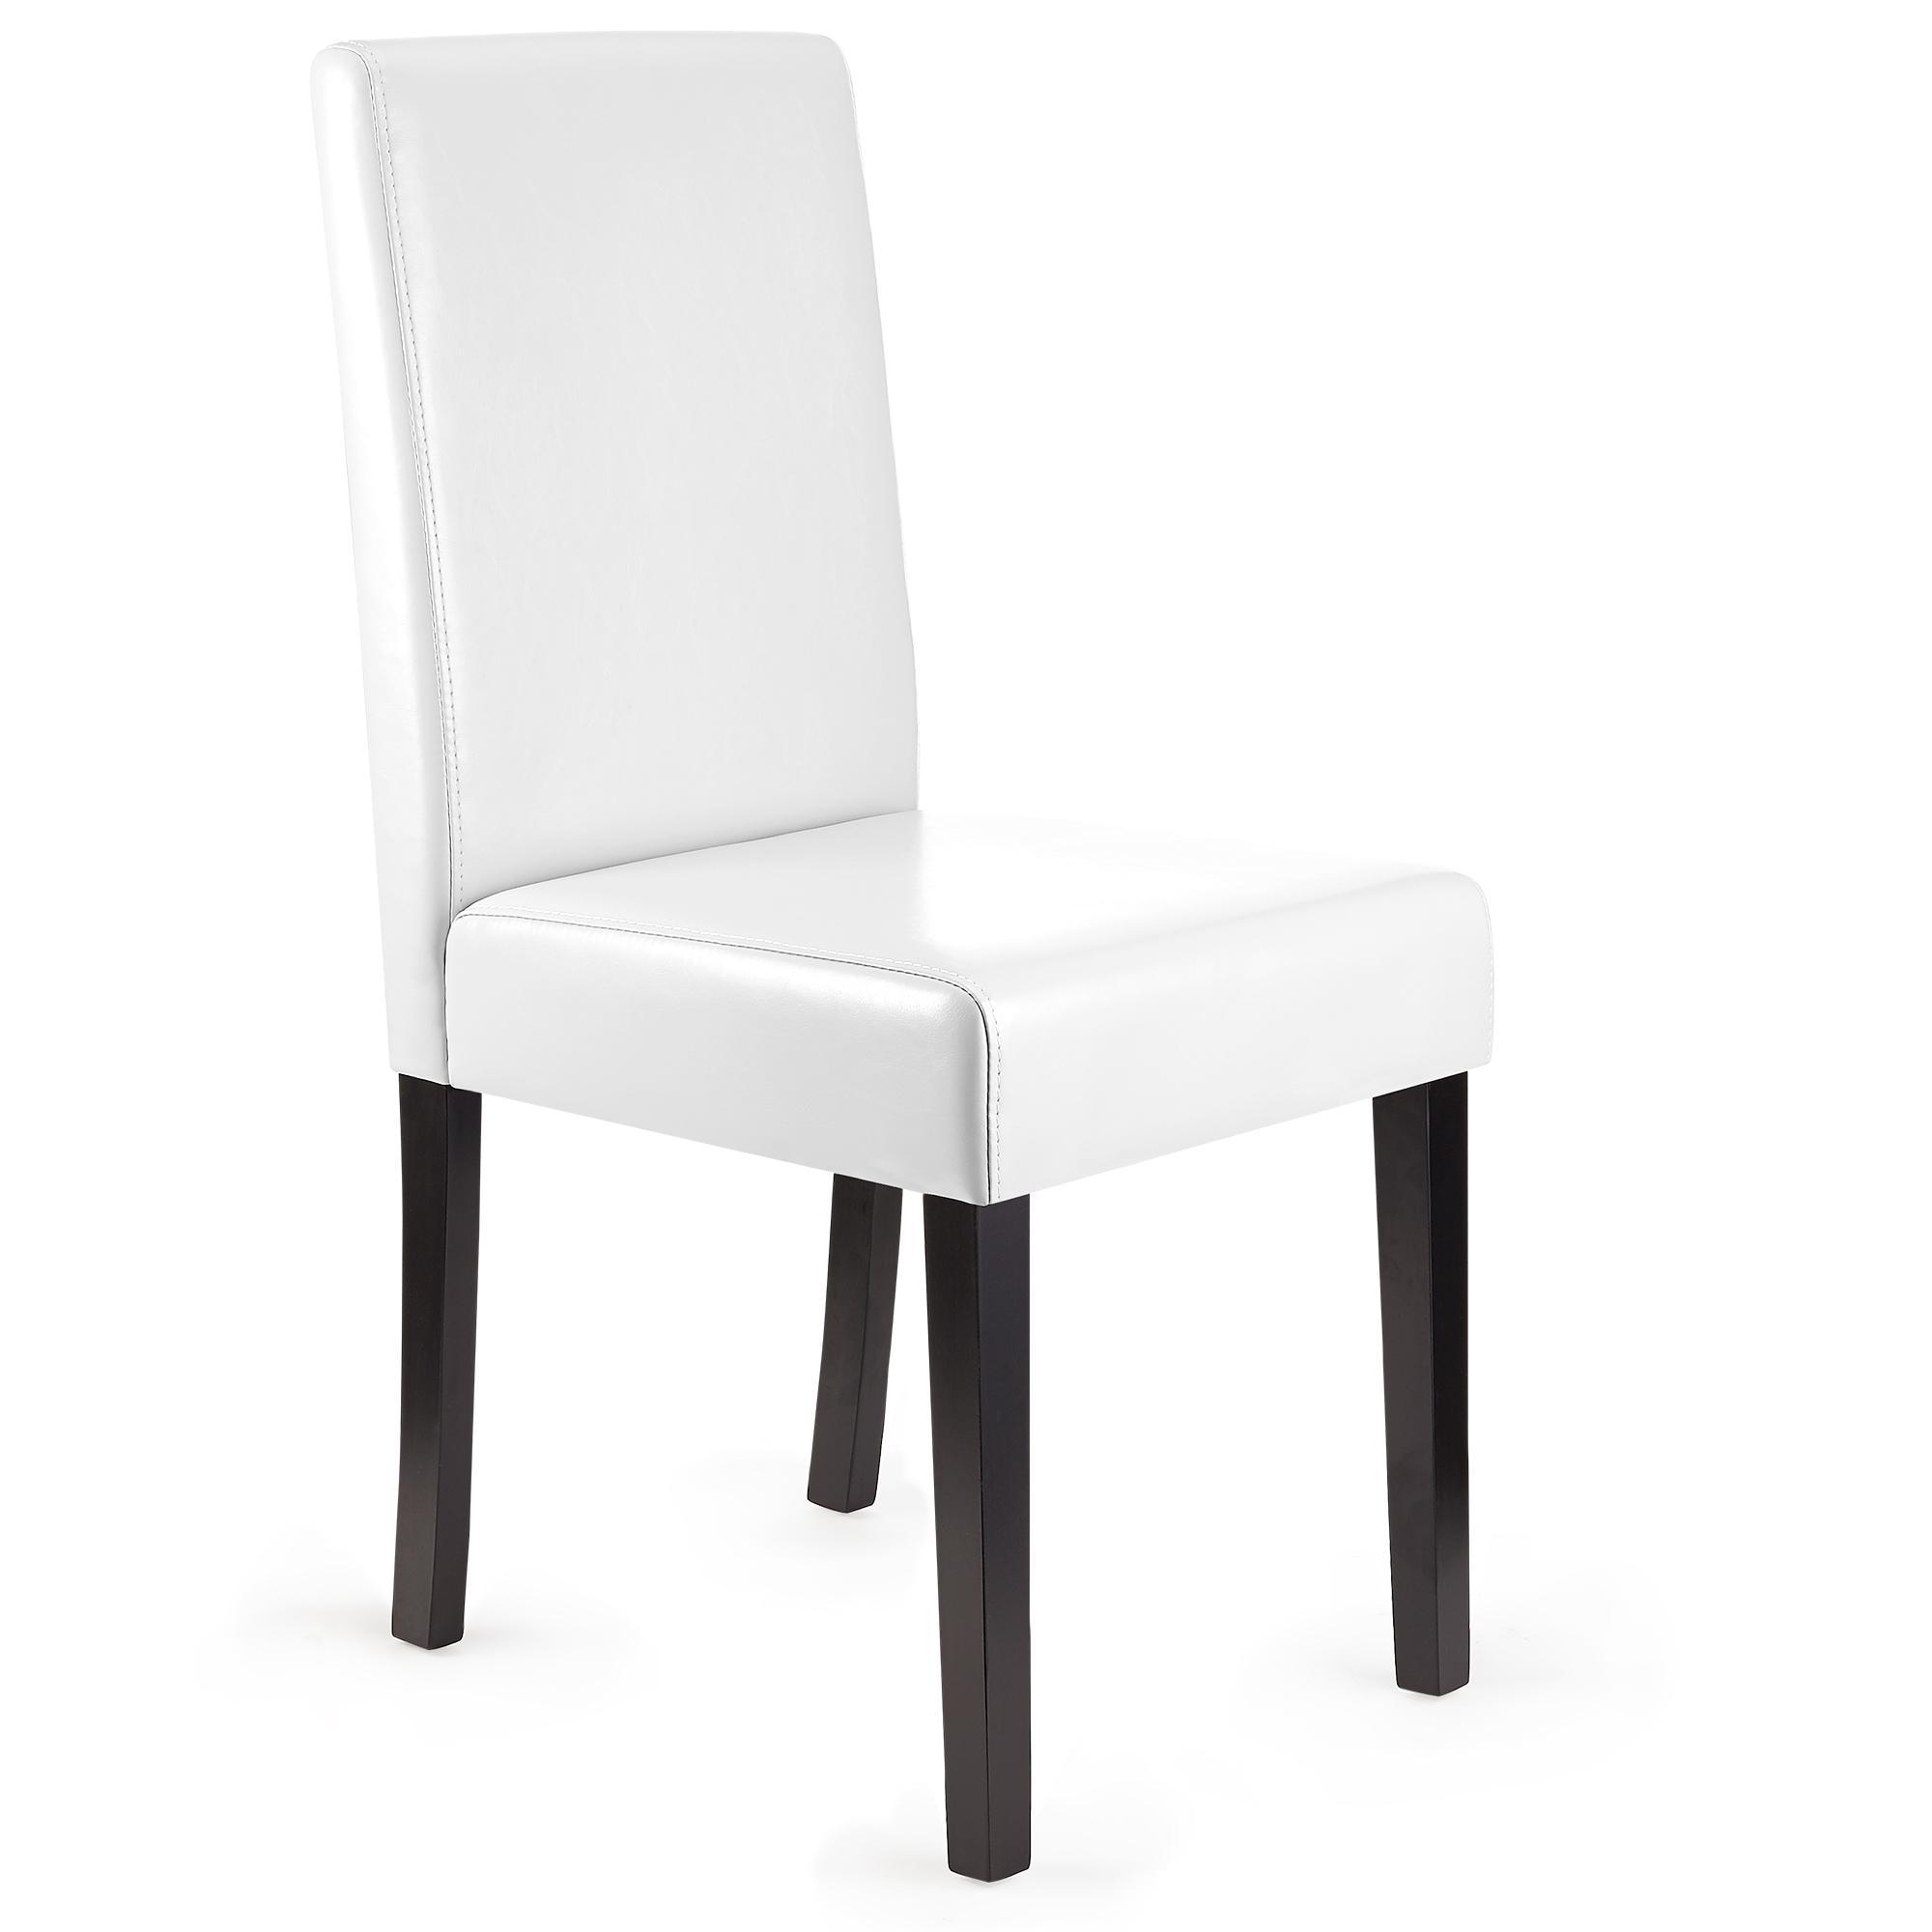 lote 4 sillas de comedor litau piel real precioso dise o